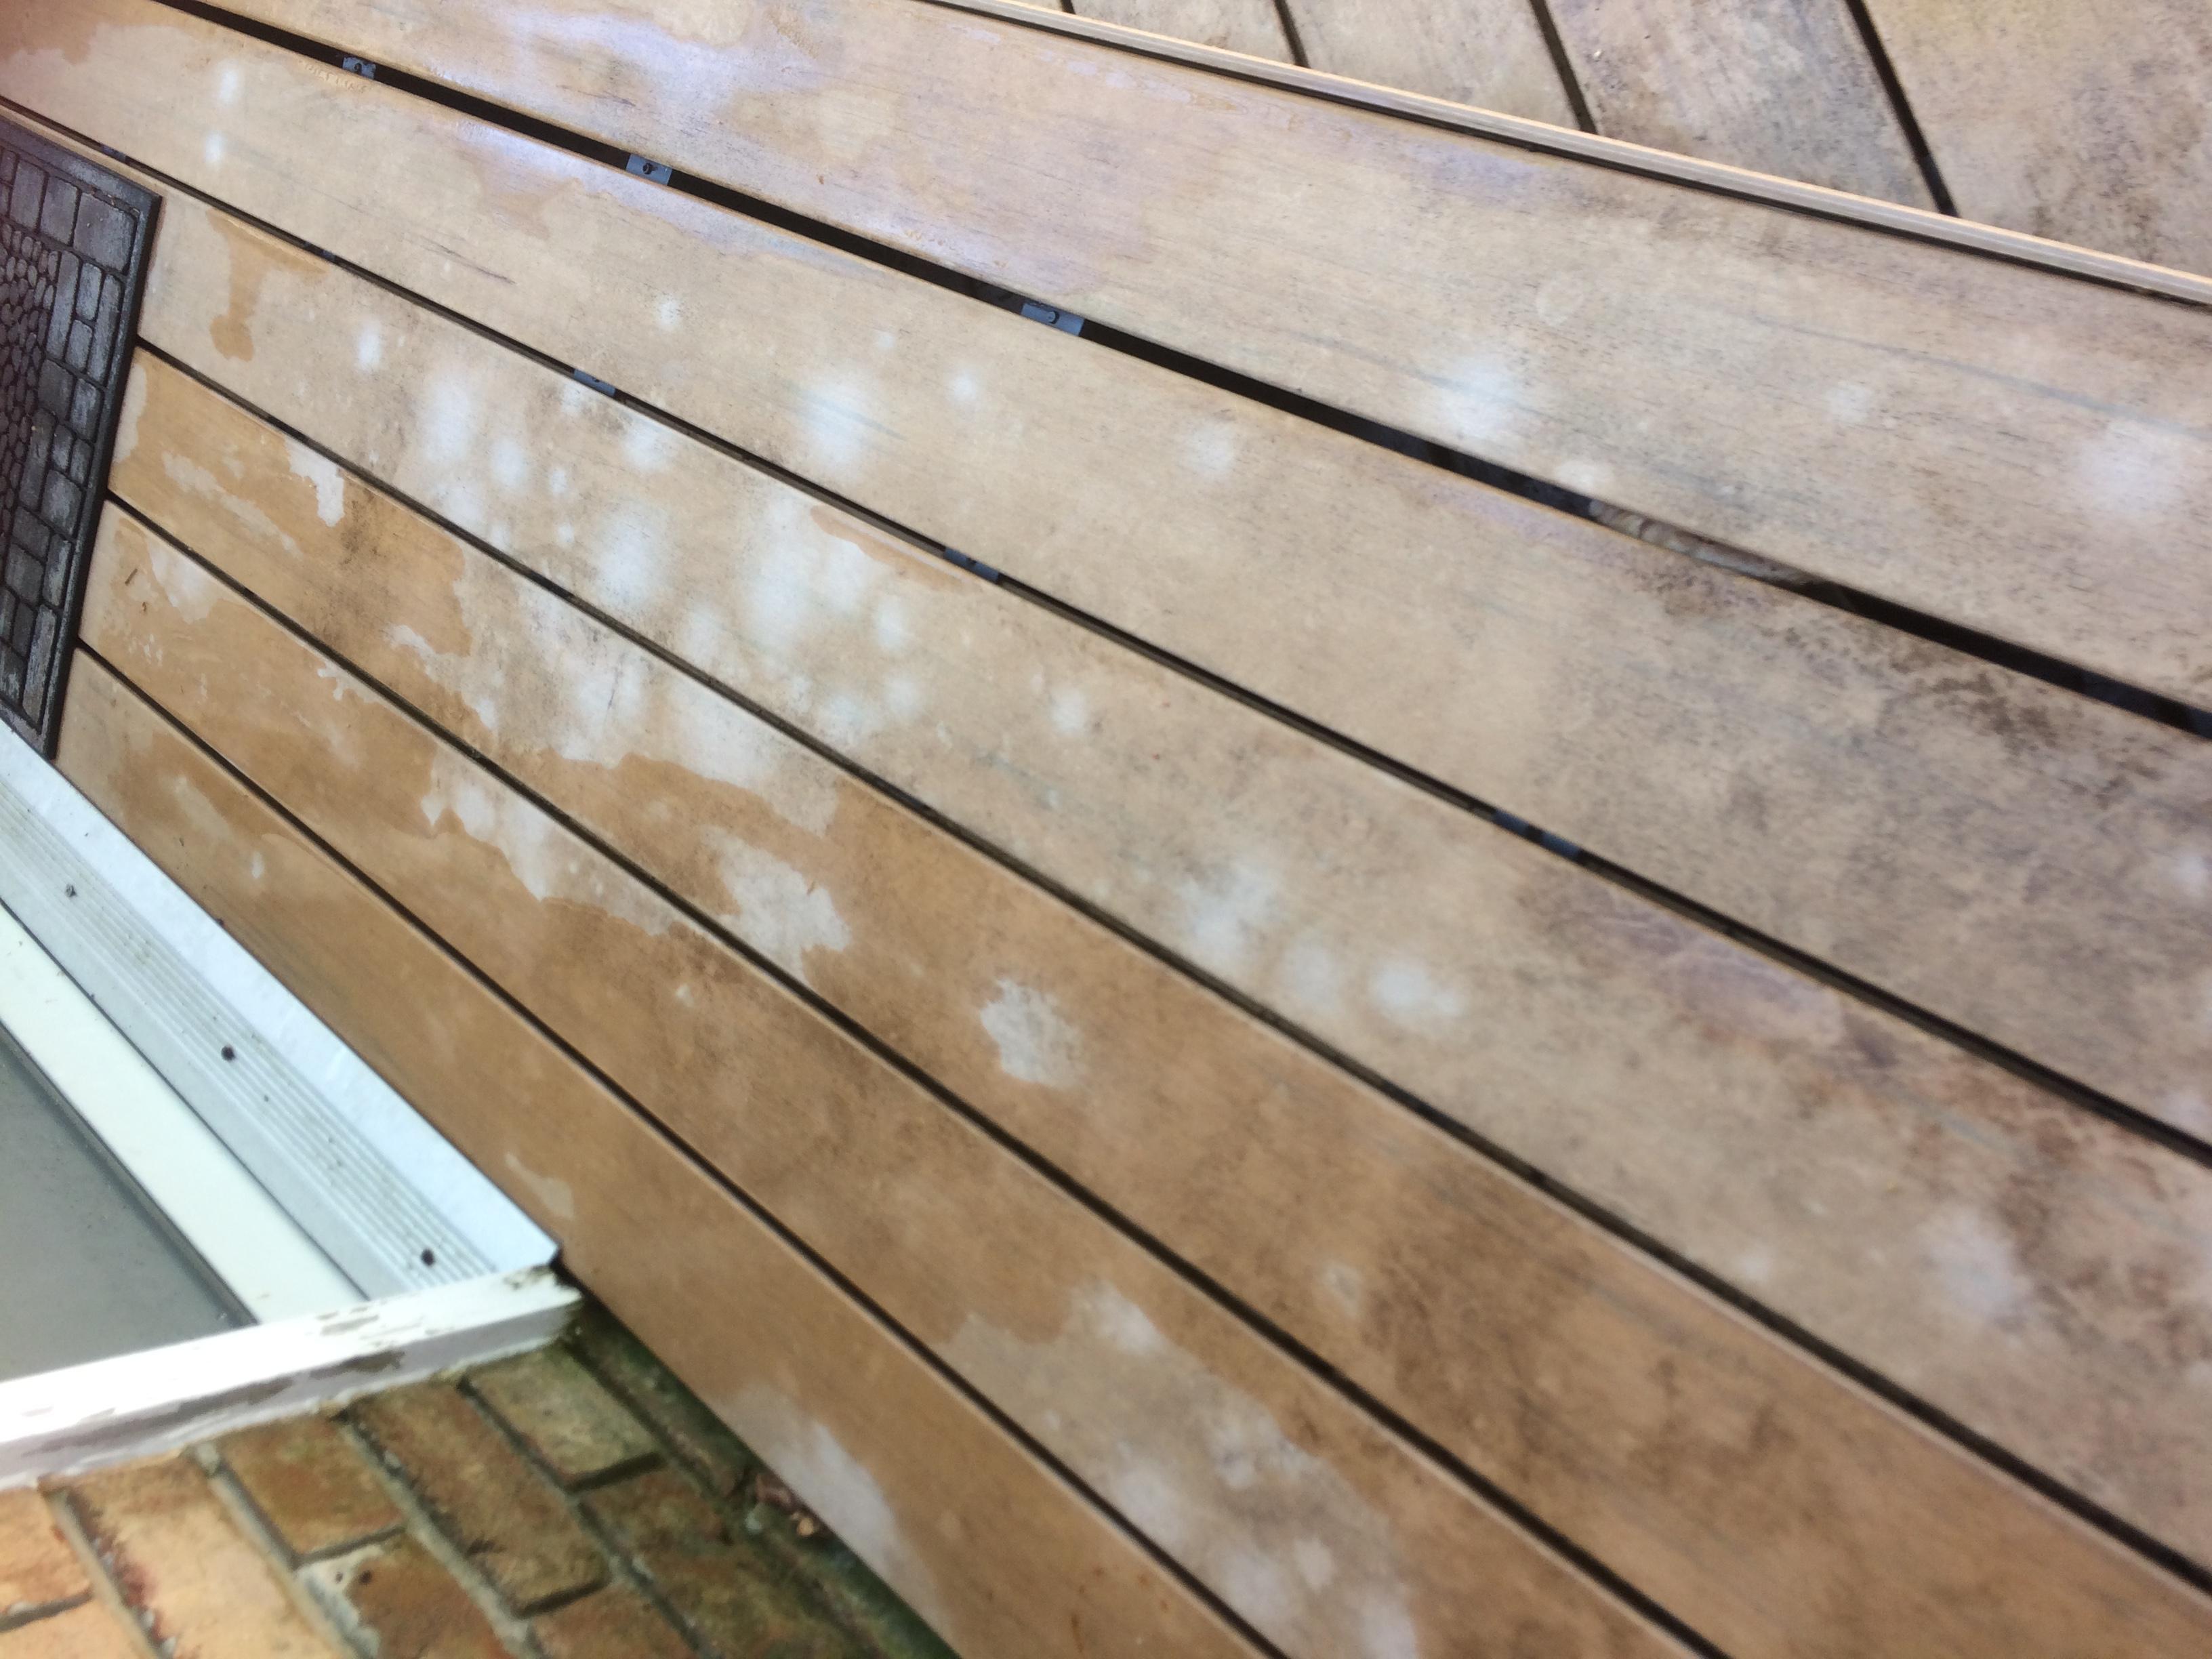 Staining Composite Decks Best Deck